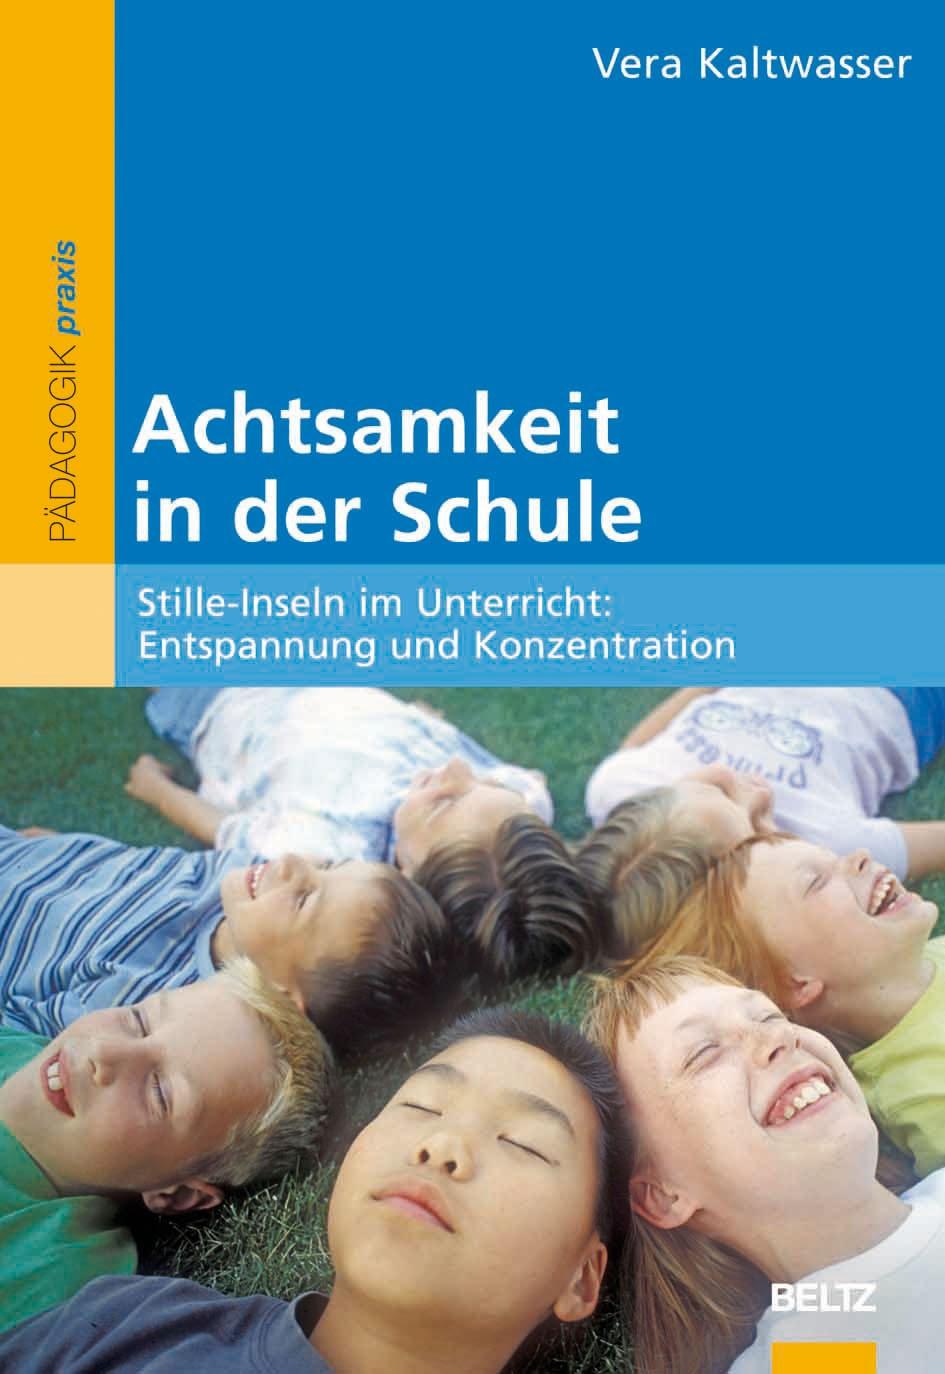 Achtsamkeit in der Schule | Kaltwasser | Originalausgabe, 2013 | Buch (Cover)